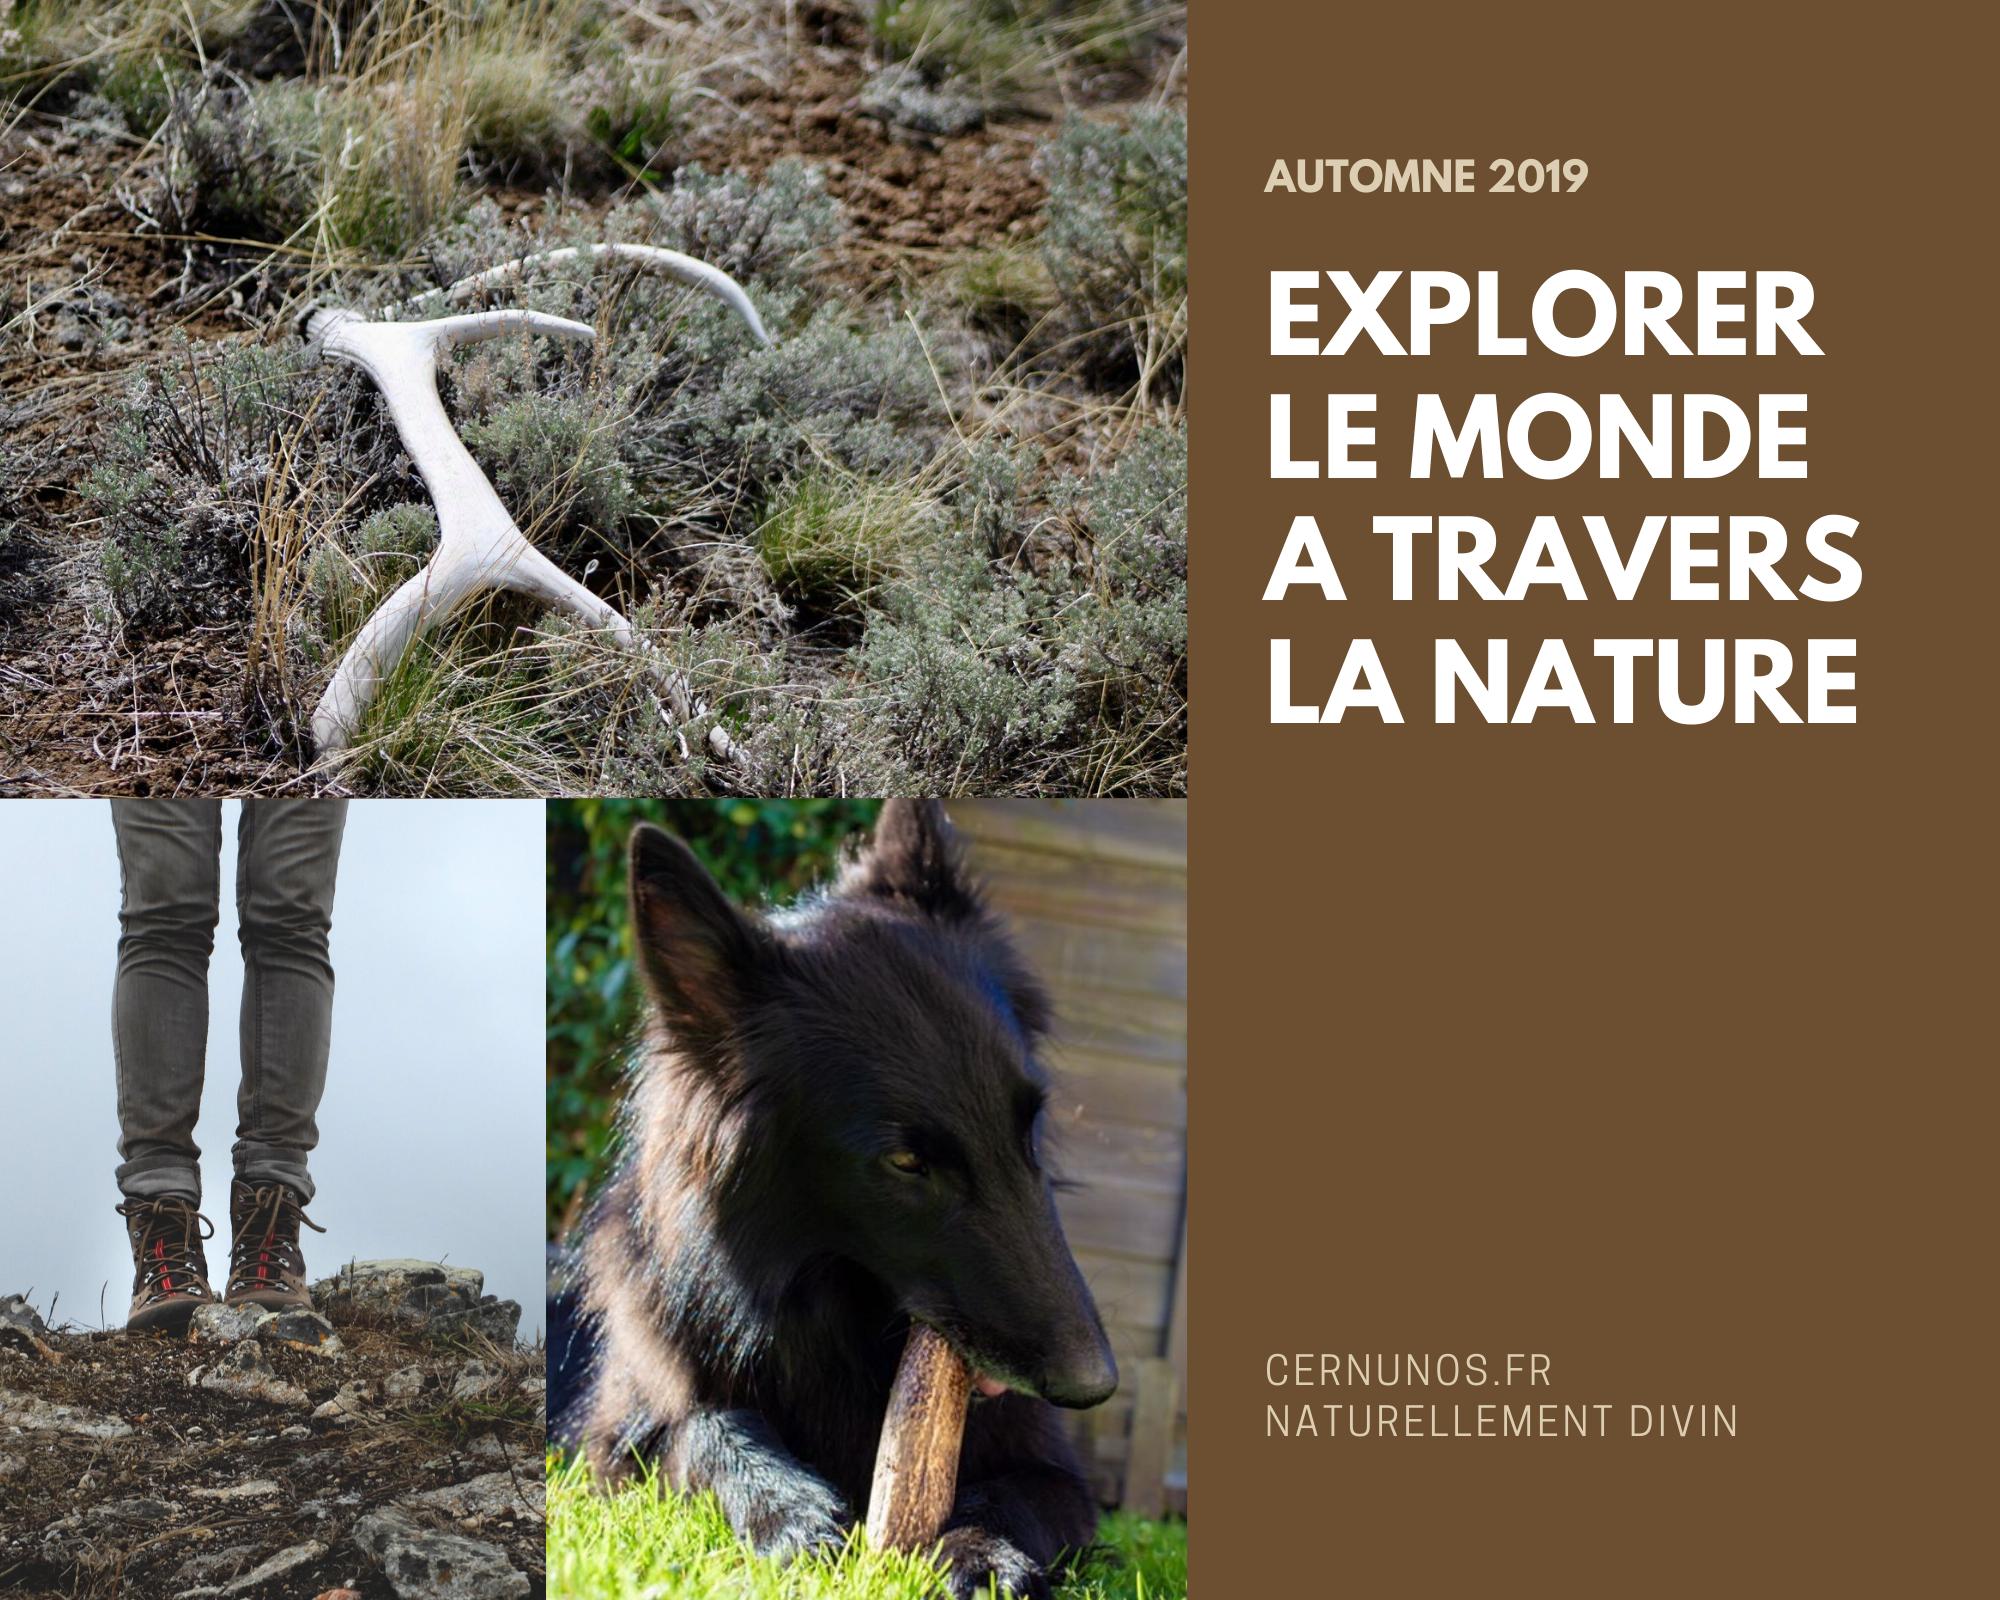 bois de cerf explorer le monde à travers la nature